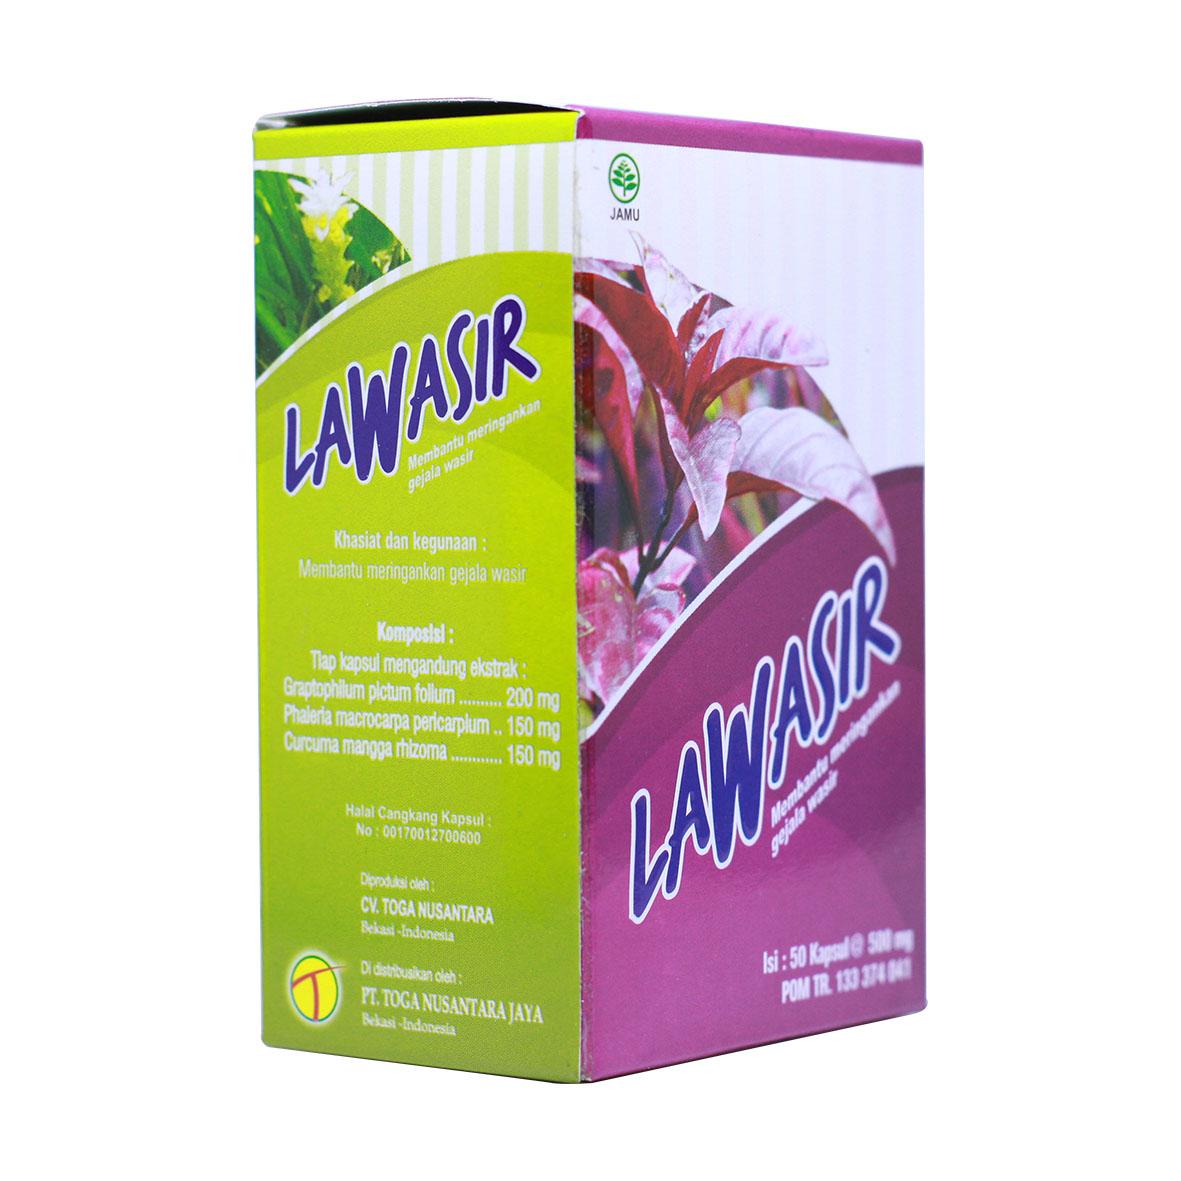 LAWASIR